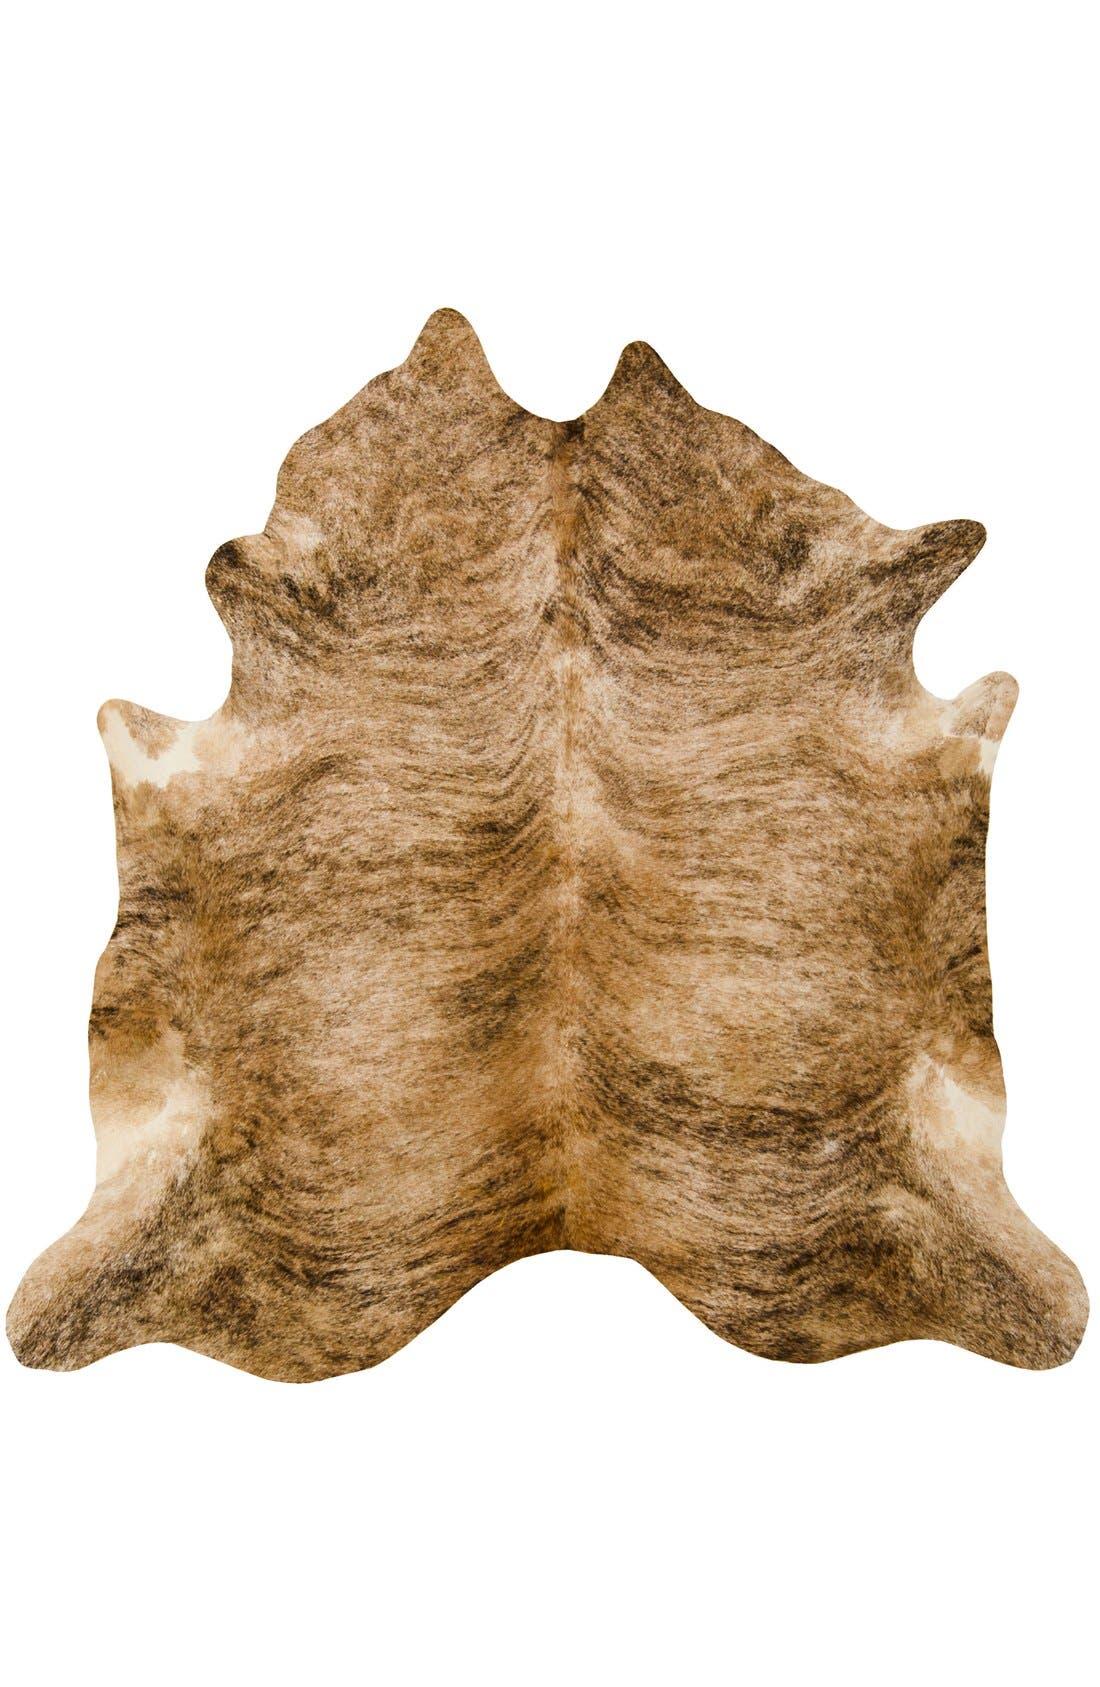 MINA VICTORY Genuine Cowhide Rug